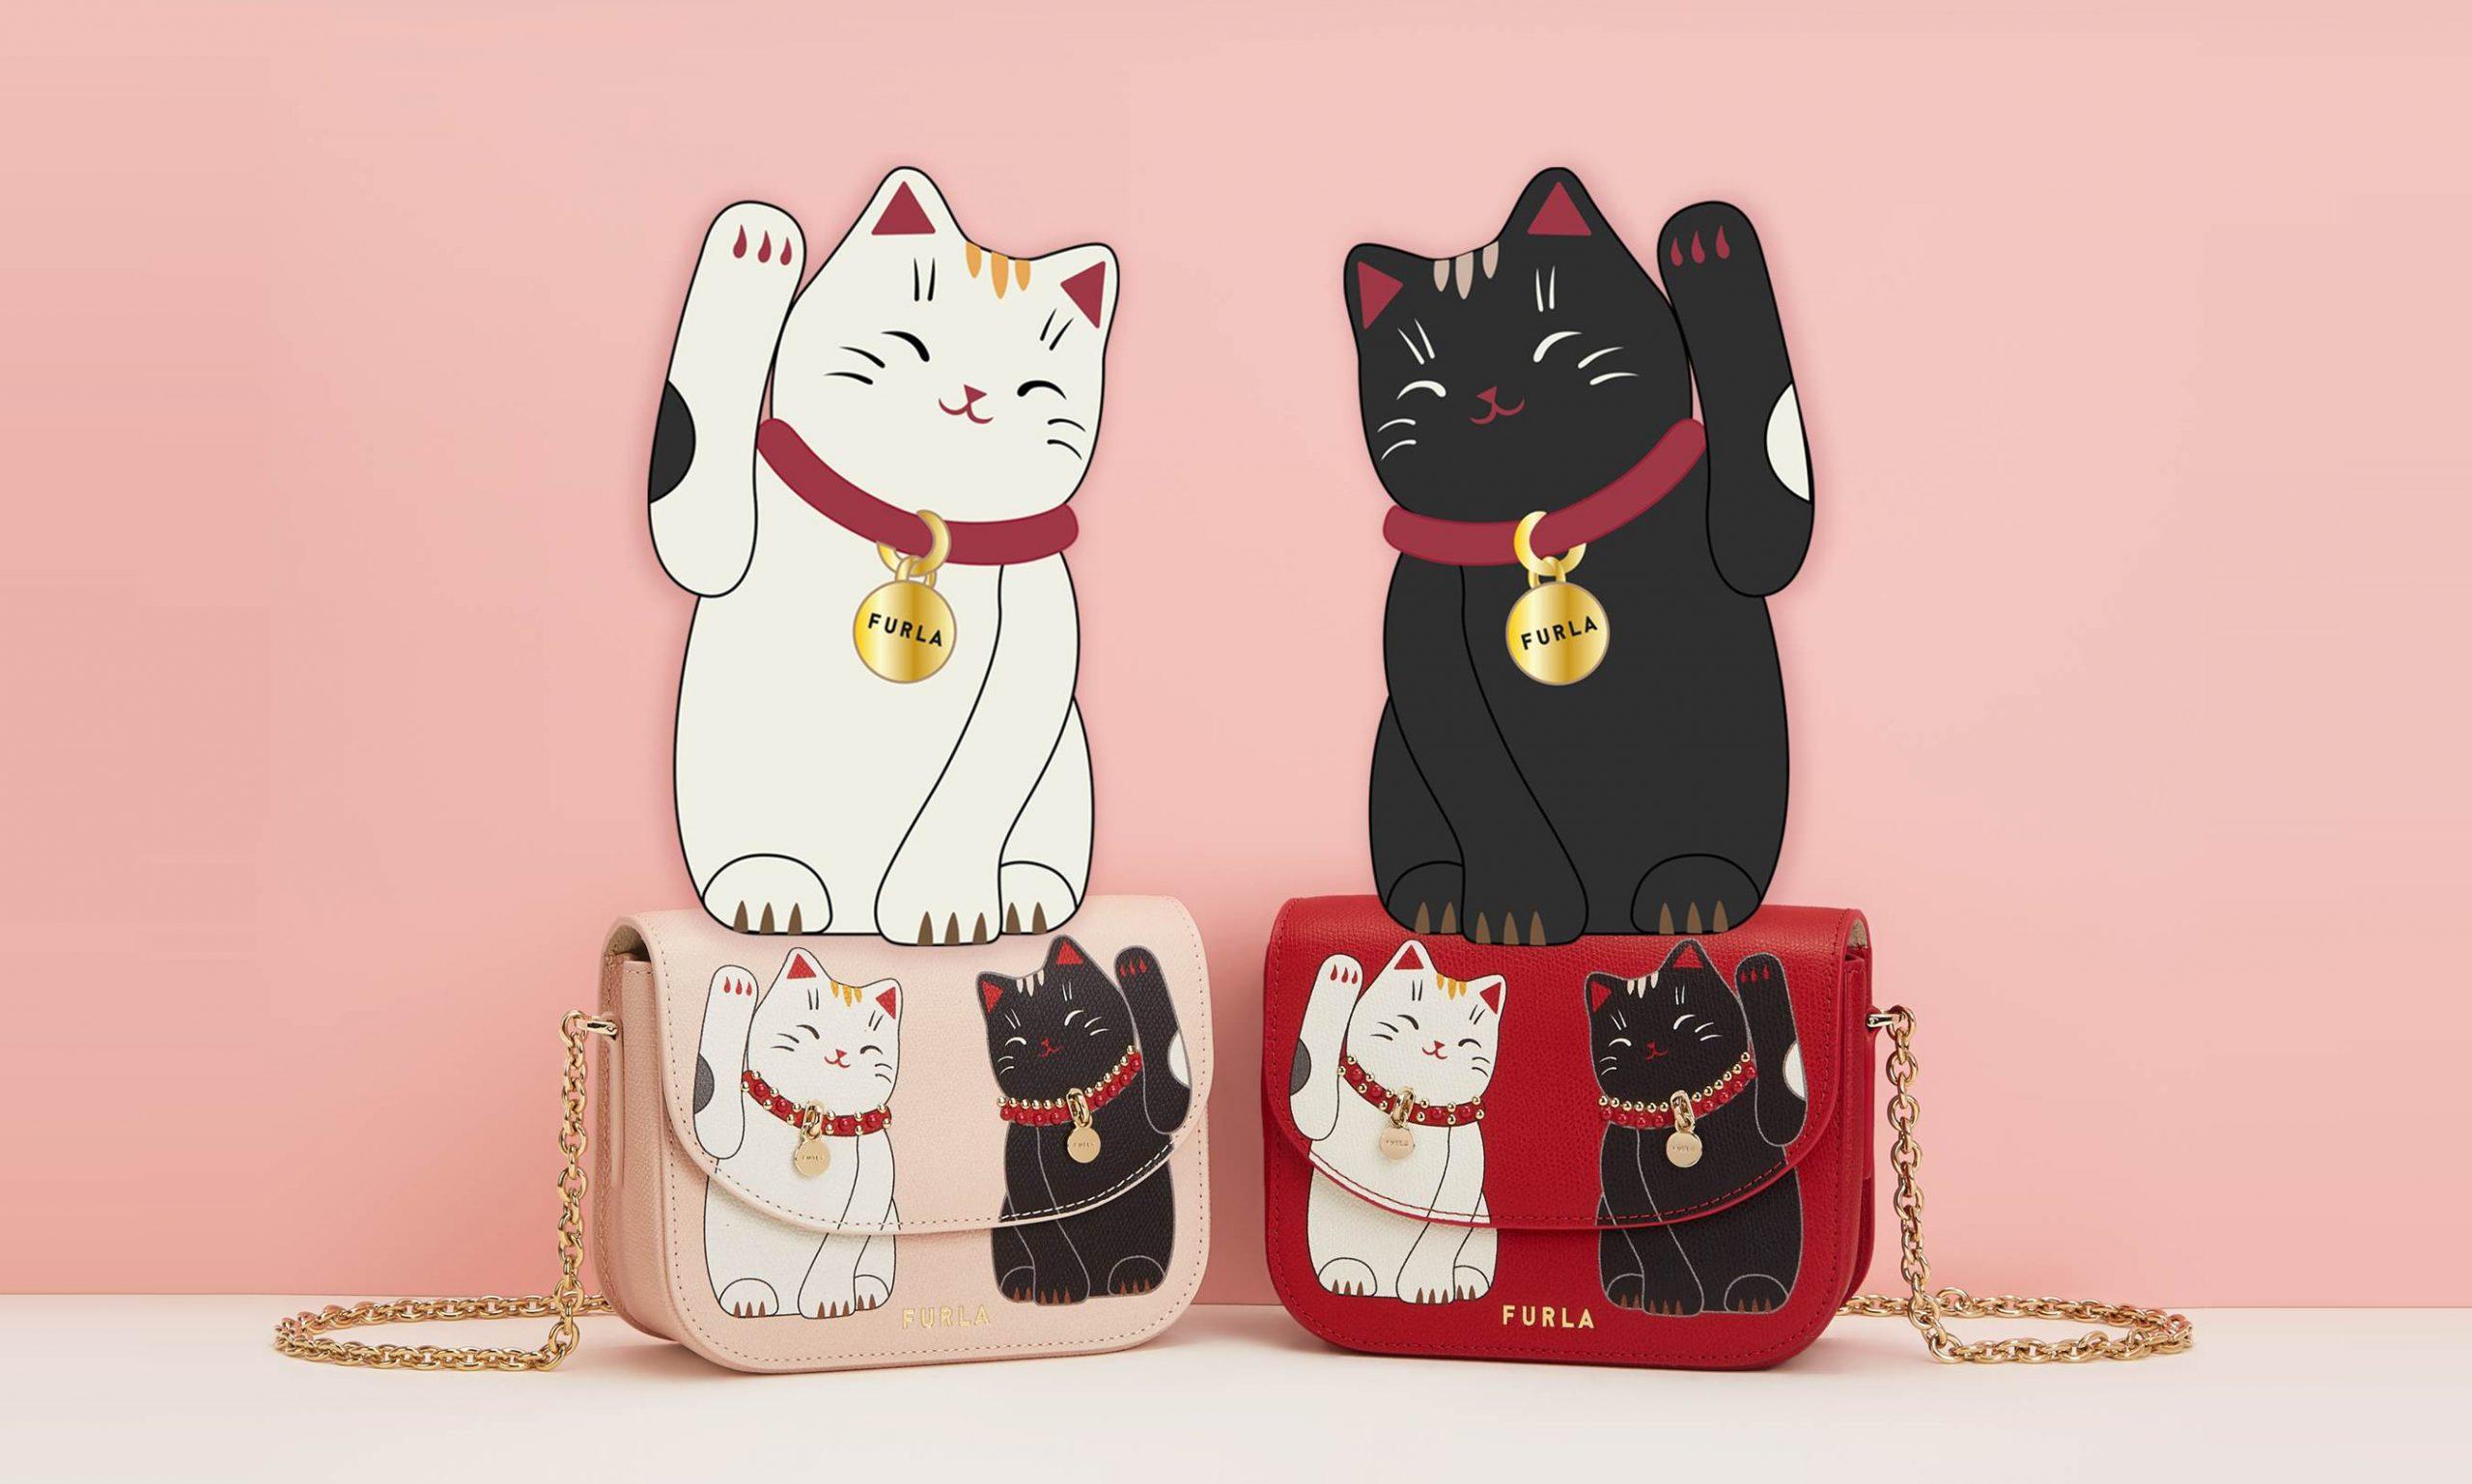 可爱招财猫,FURLA LITTLE CATS 胶囊系列发布